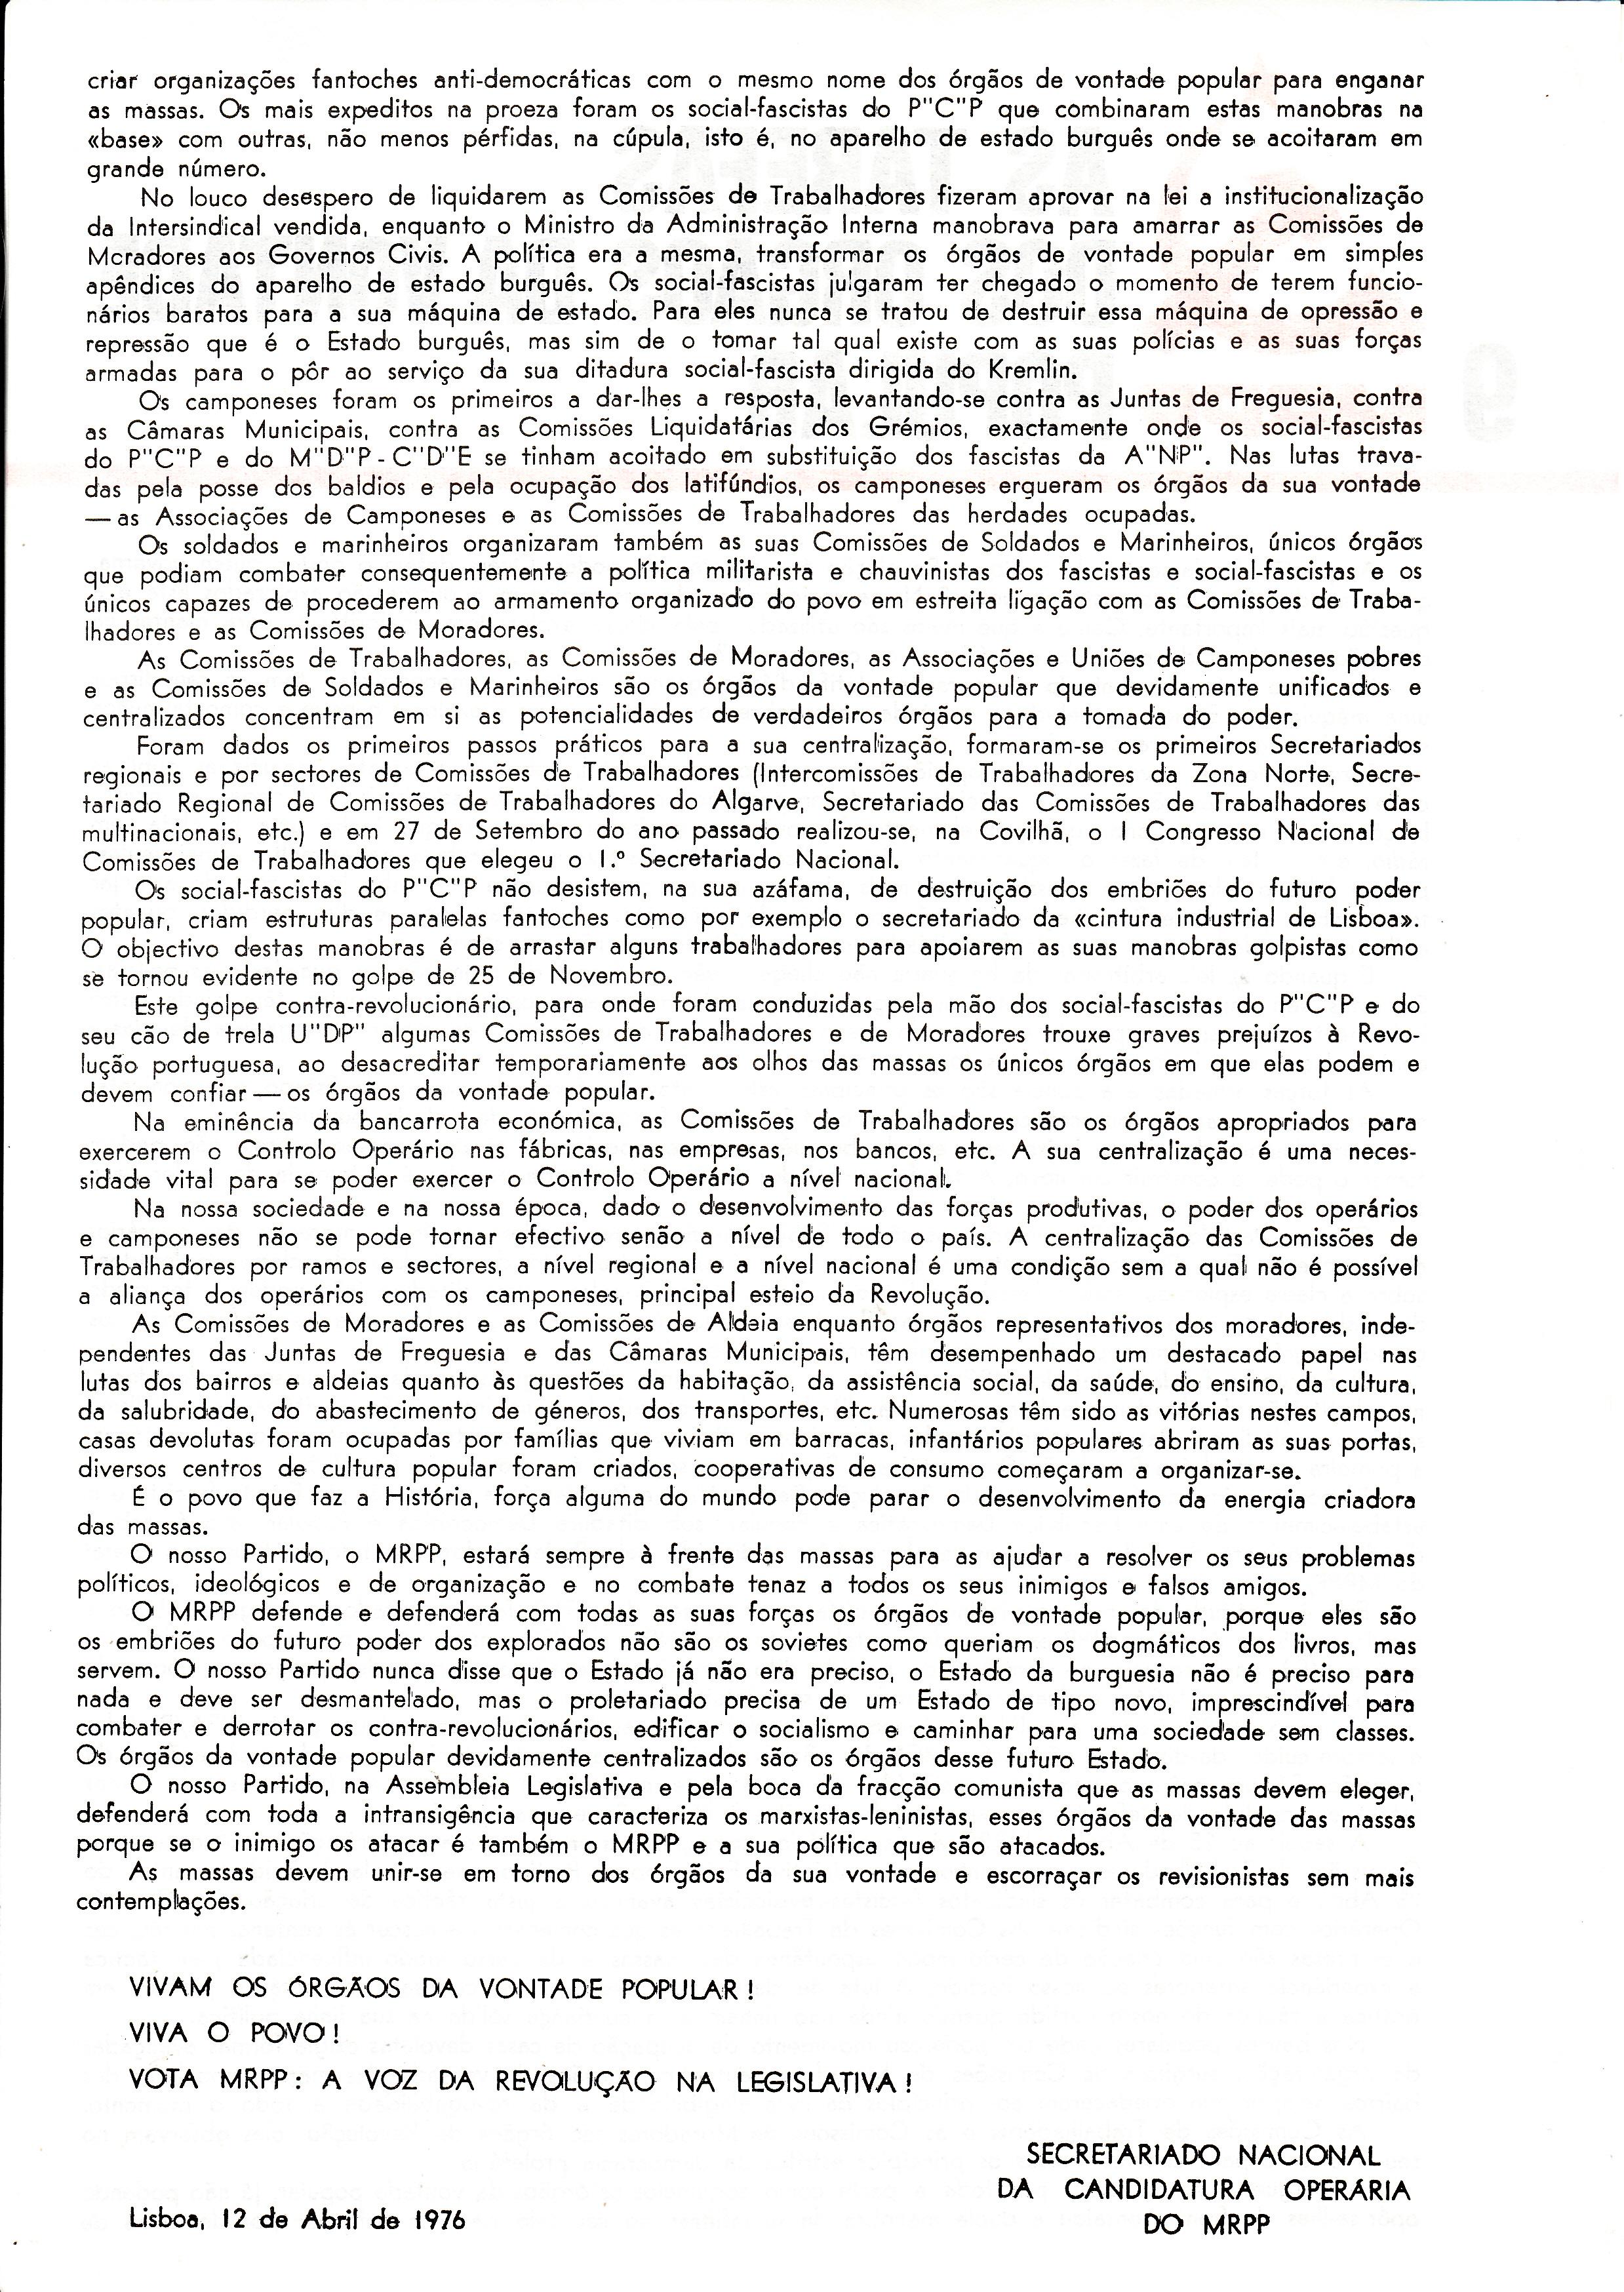 MRPP_1976_04_21_0018